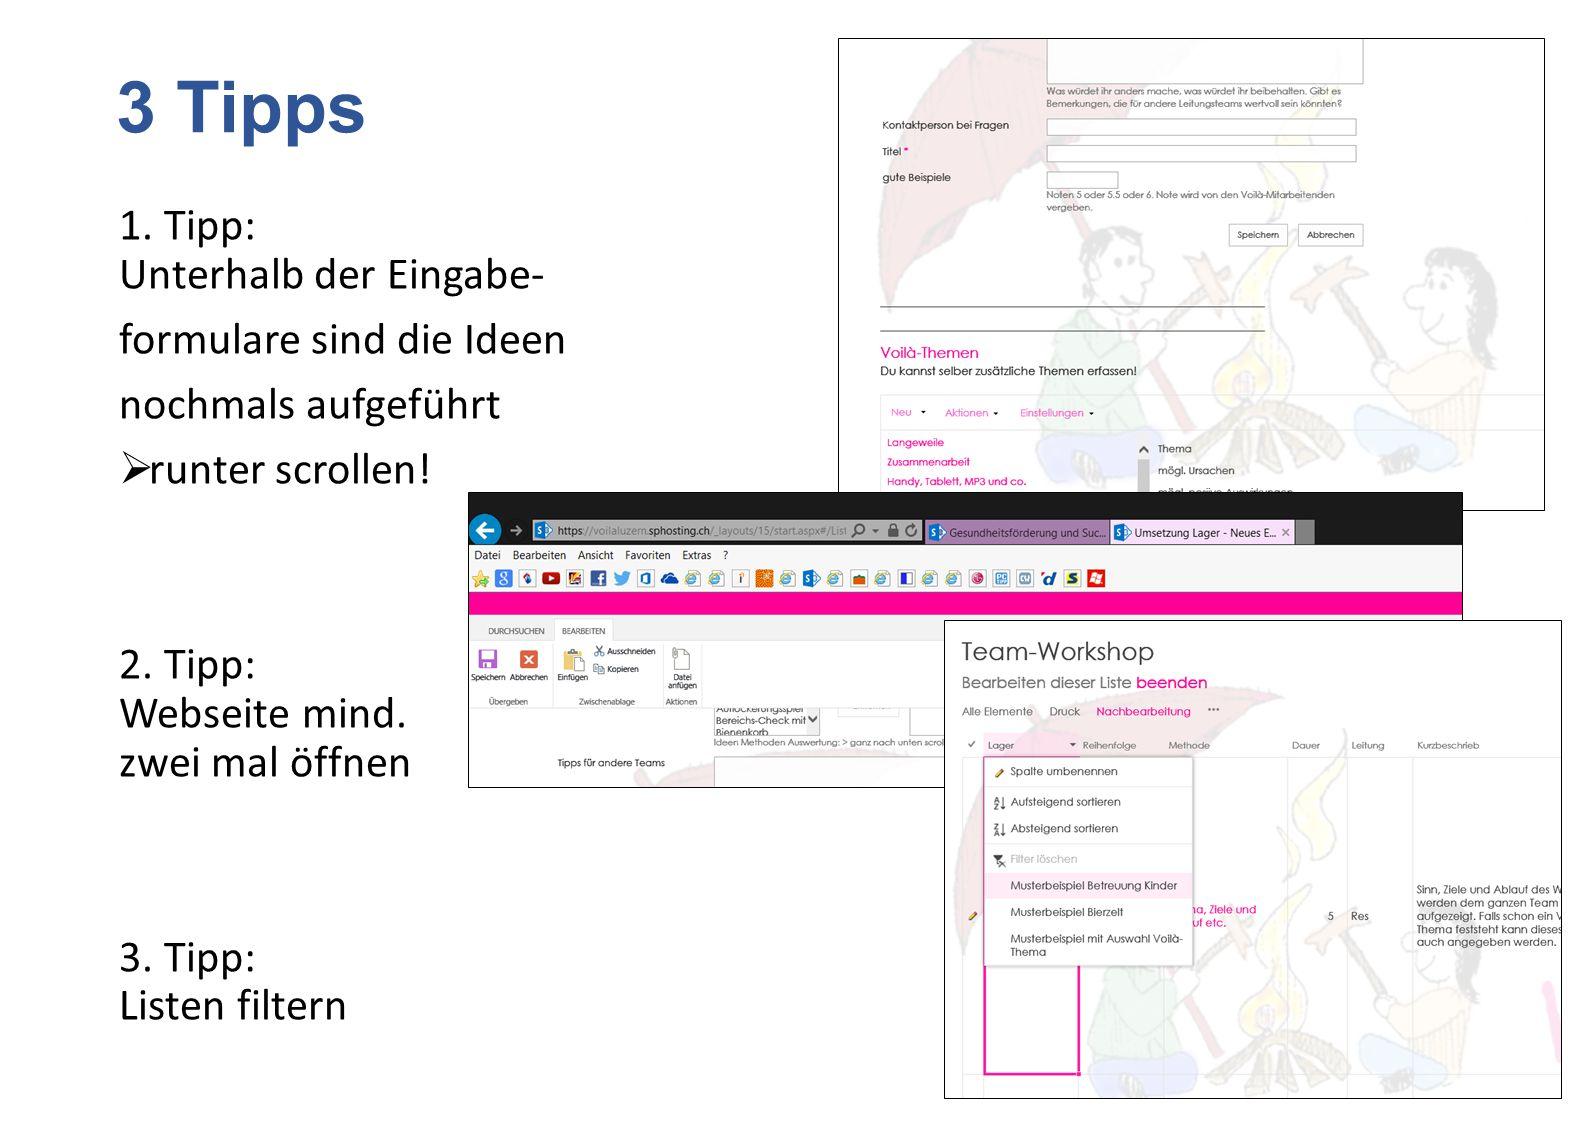 3 Tipps 1. Tipp: Unterhalb der Eingabe- formulare sind die Ideen nochmals aufgeführt  runter scrollen! 2. Tipp: Webseite mind. zwei mal öffnen 3. Tip